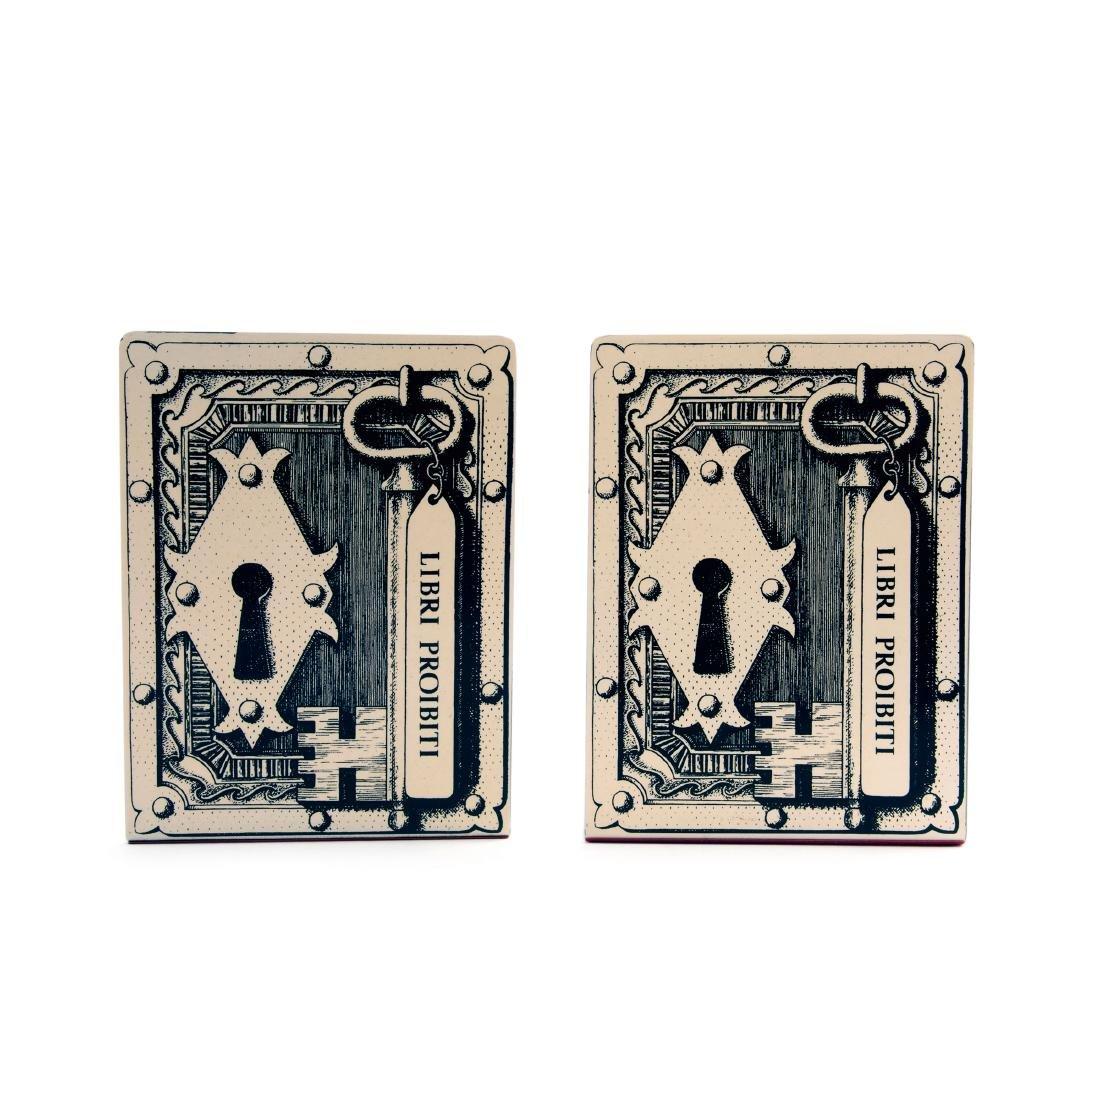 Two 'Libri Proibiti' bookends, 1950/60s